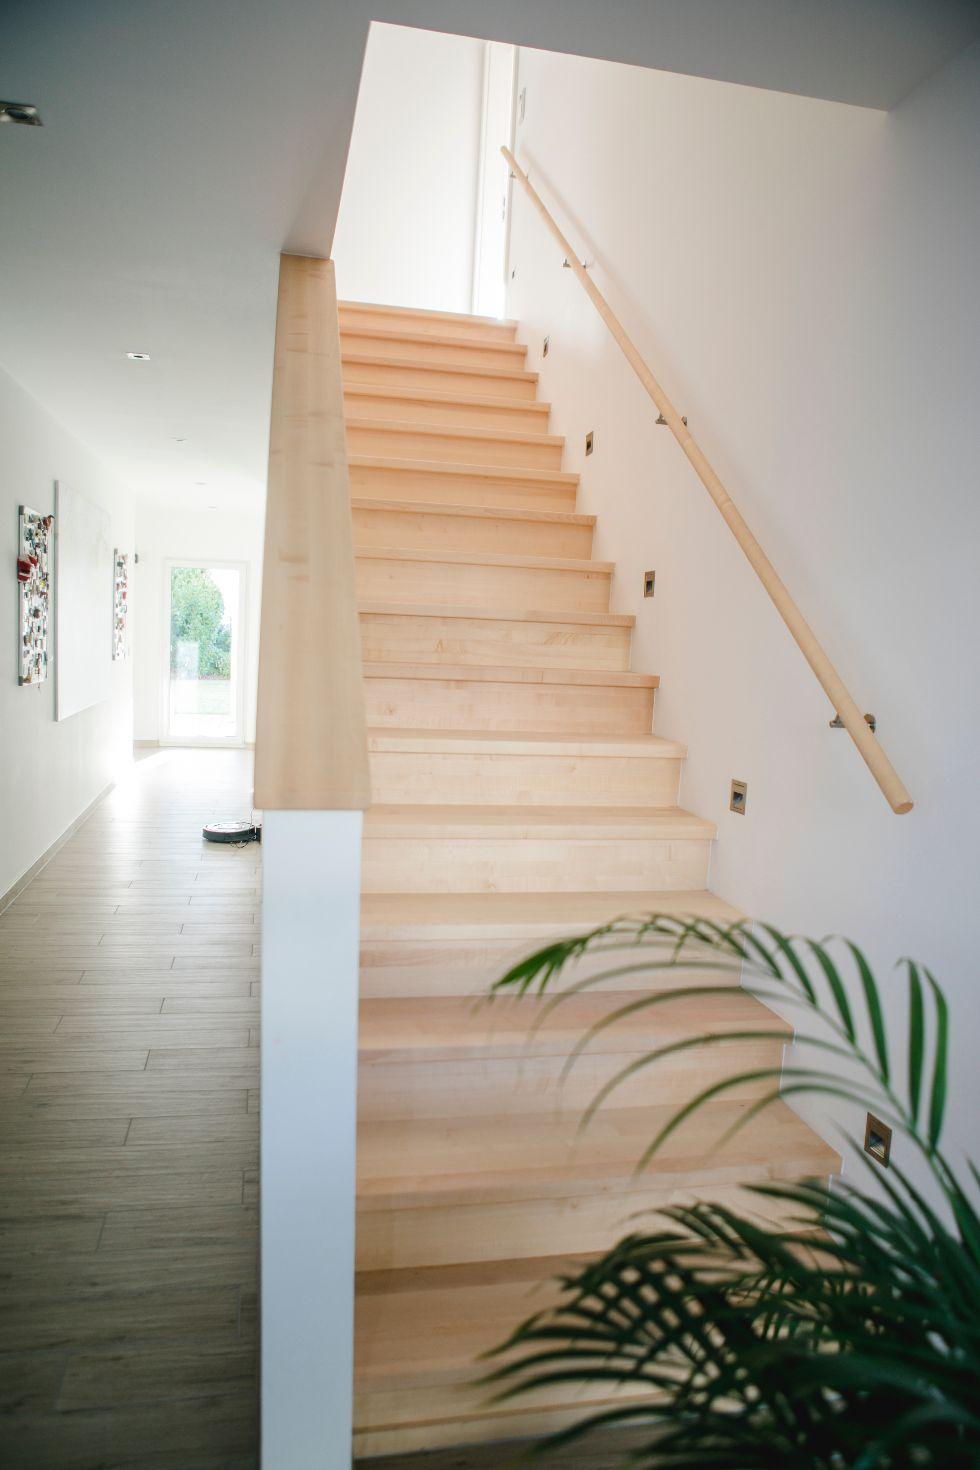 Geradläufige Treppe mit Setzstufen